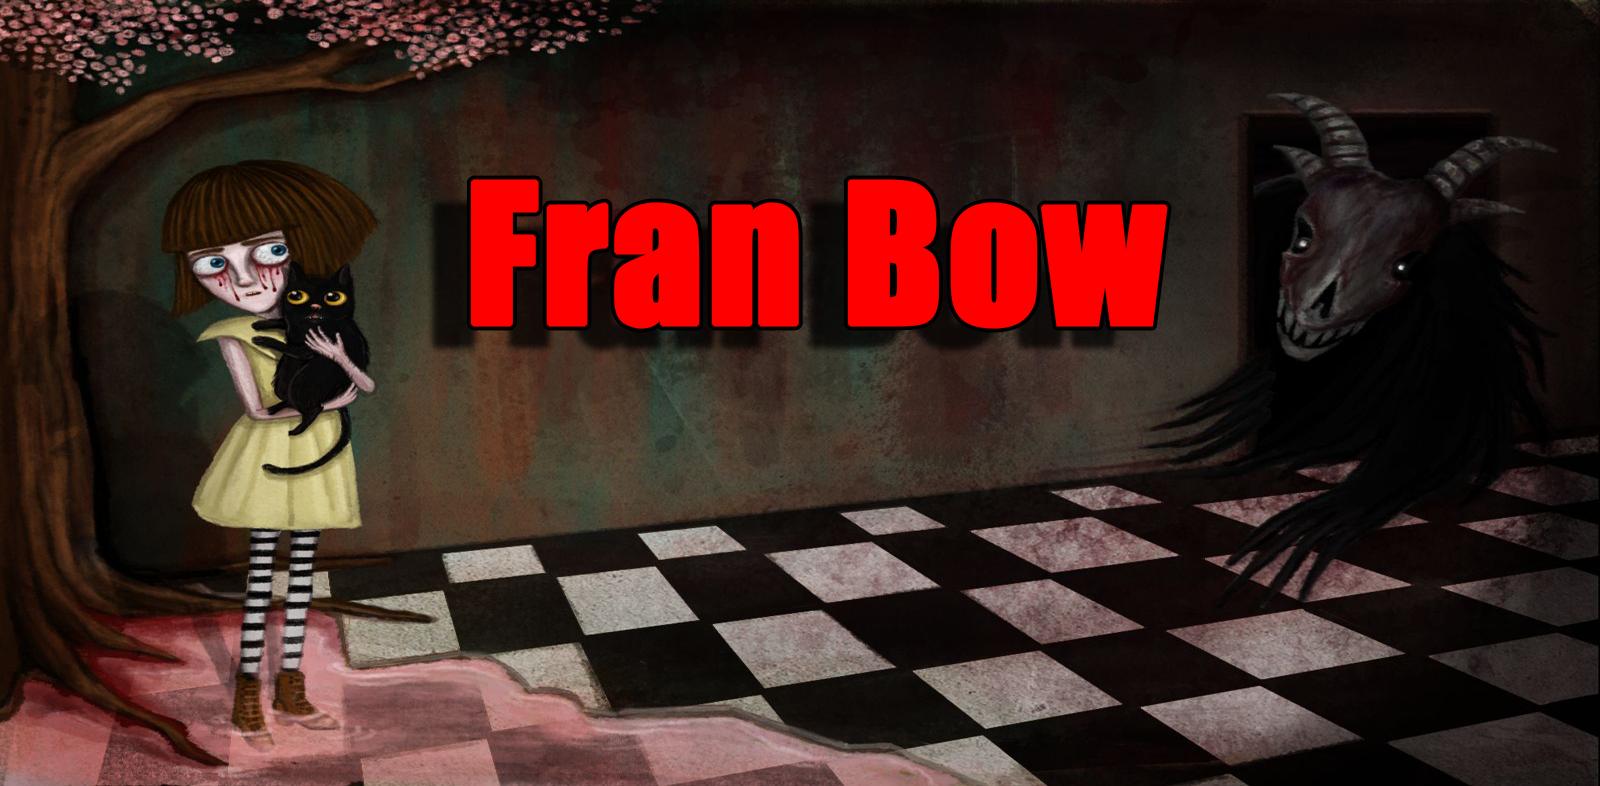 Скачать fran bow chapter 1 версия 1. 0. 1 для android.